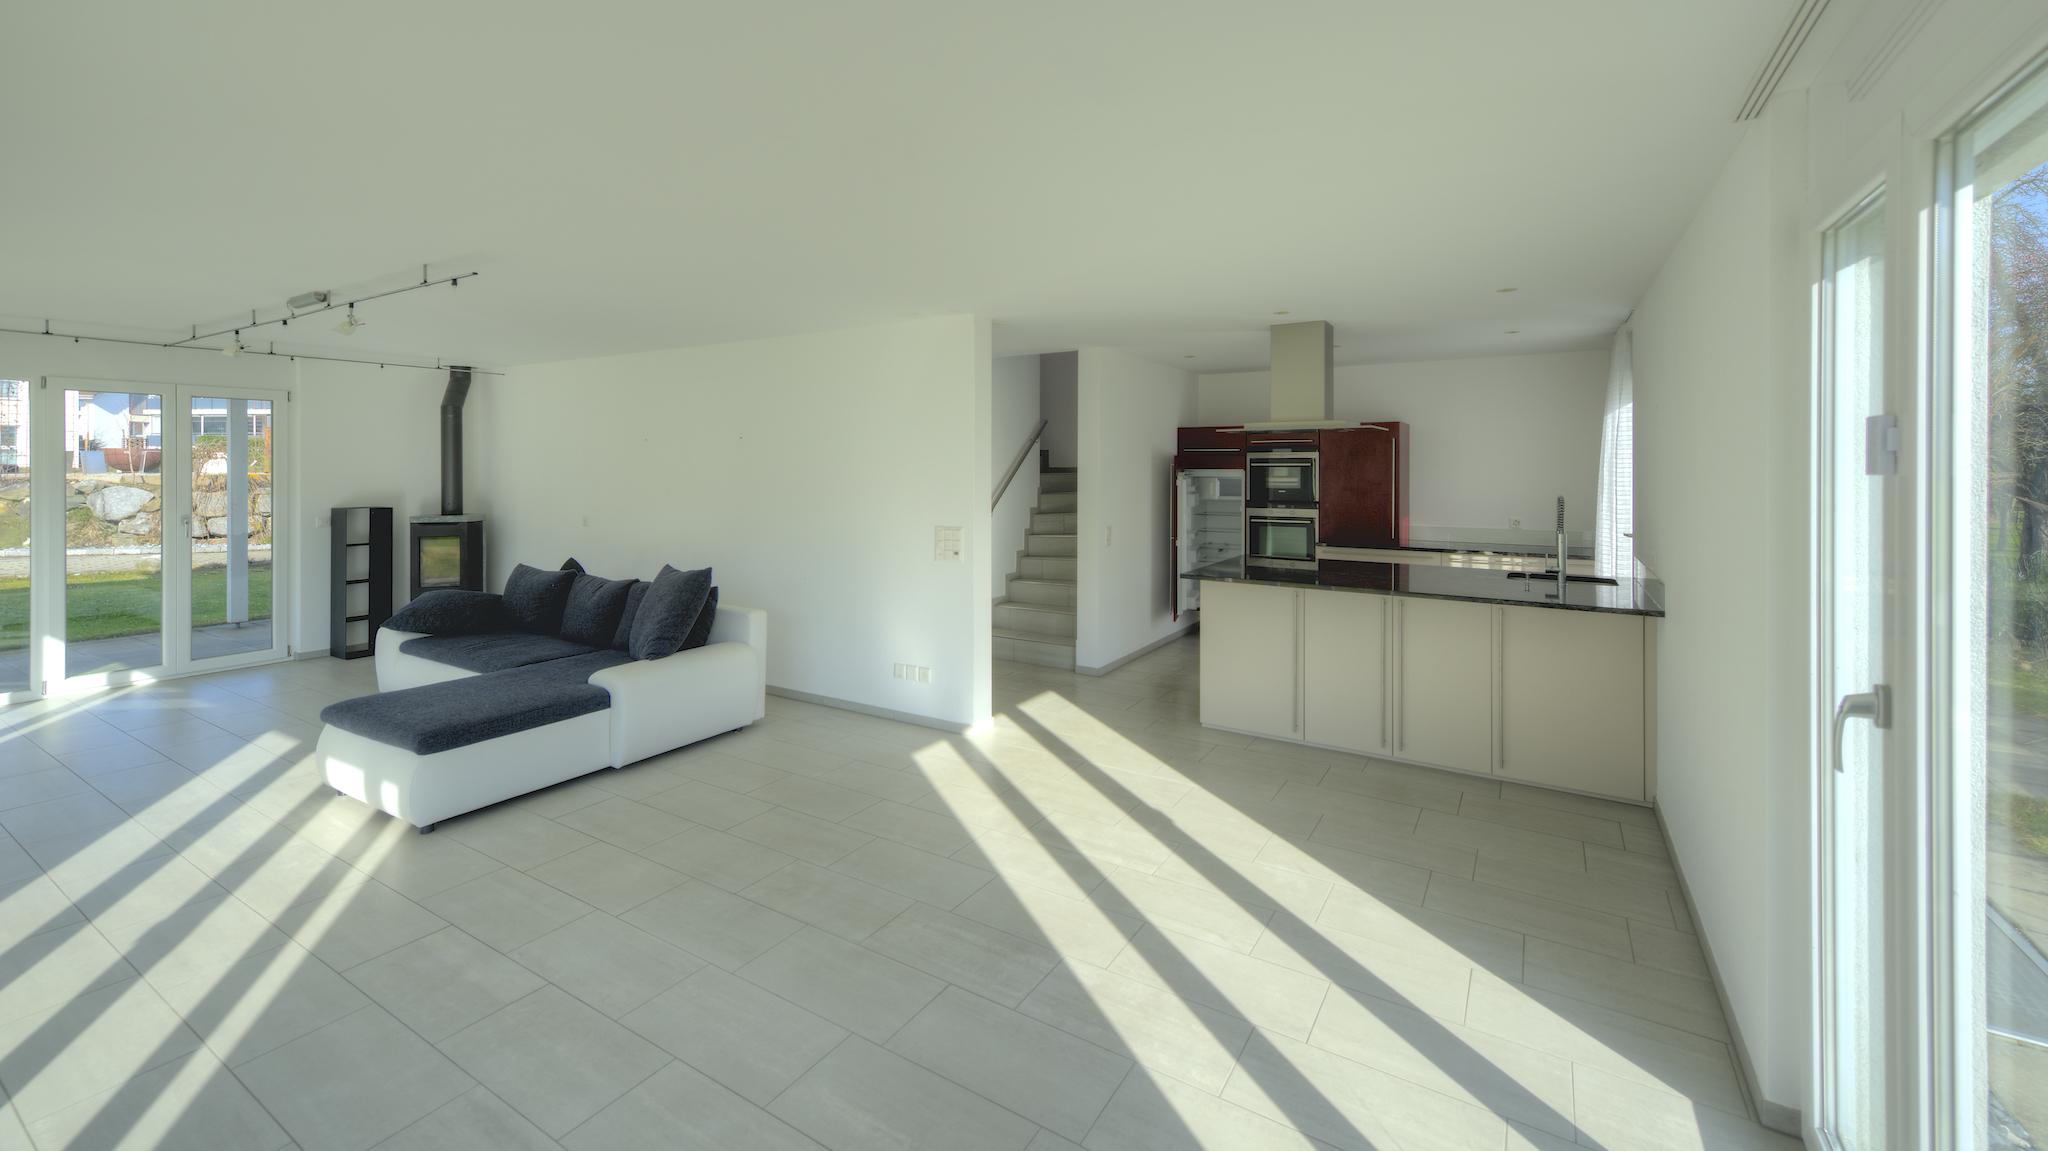 Wohn- Essbereich mit der Küche